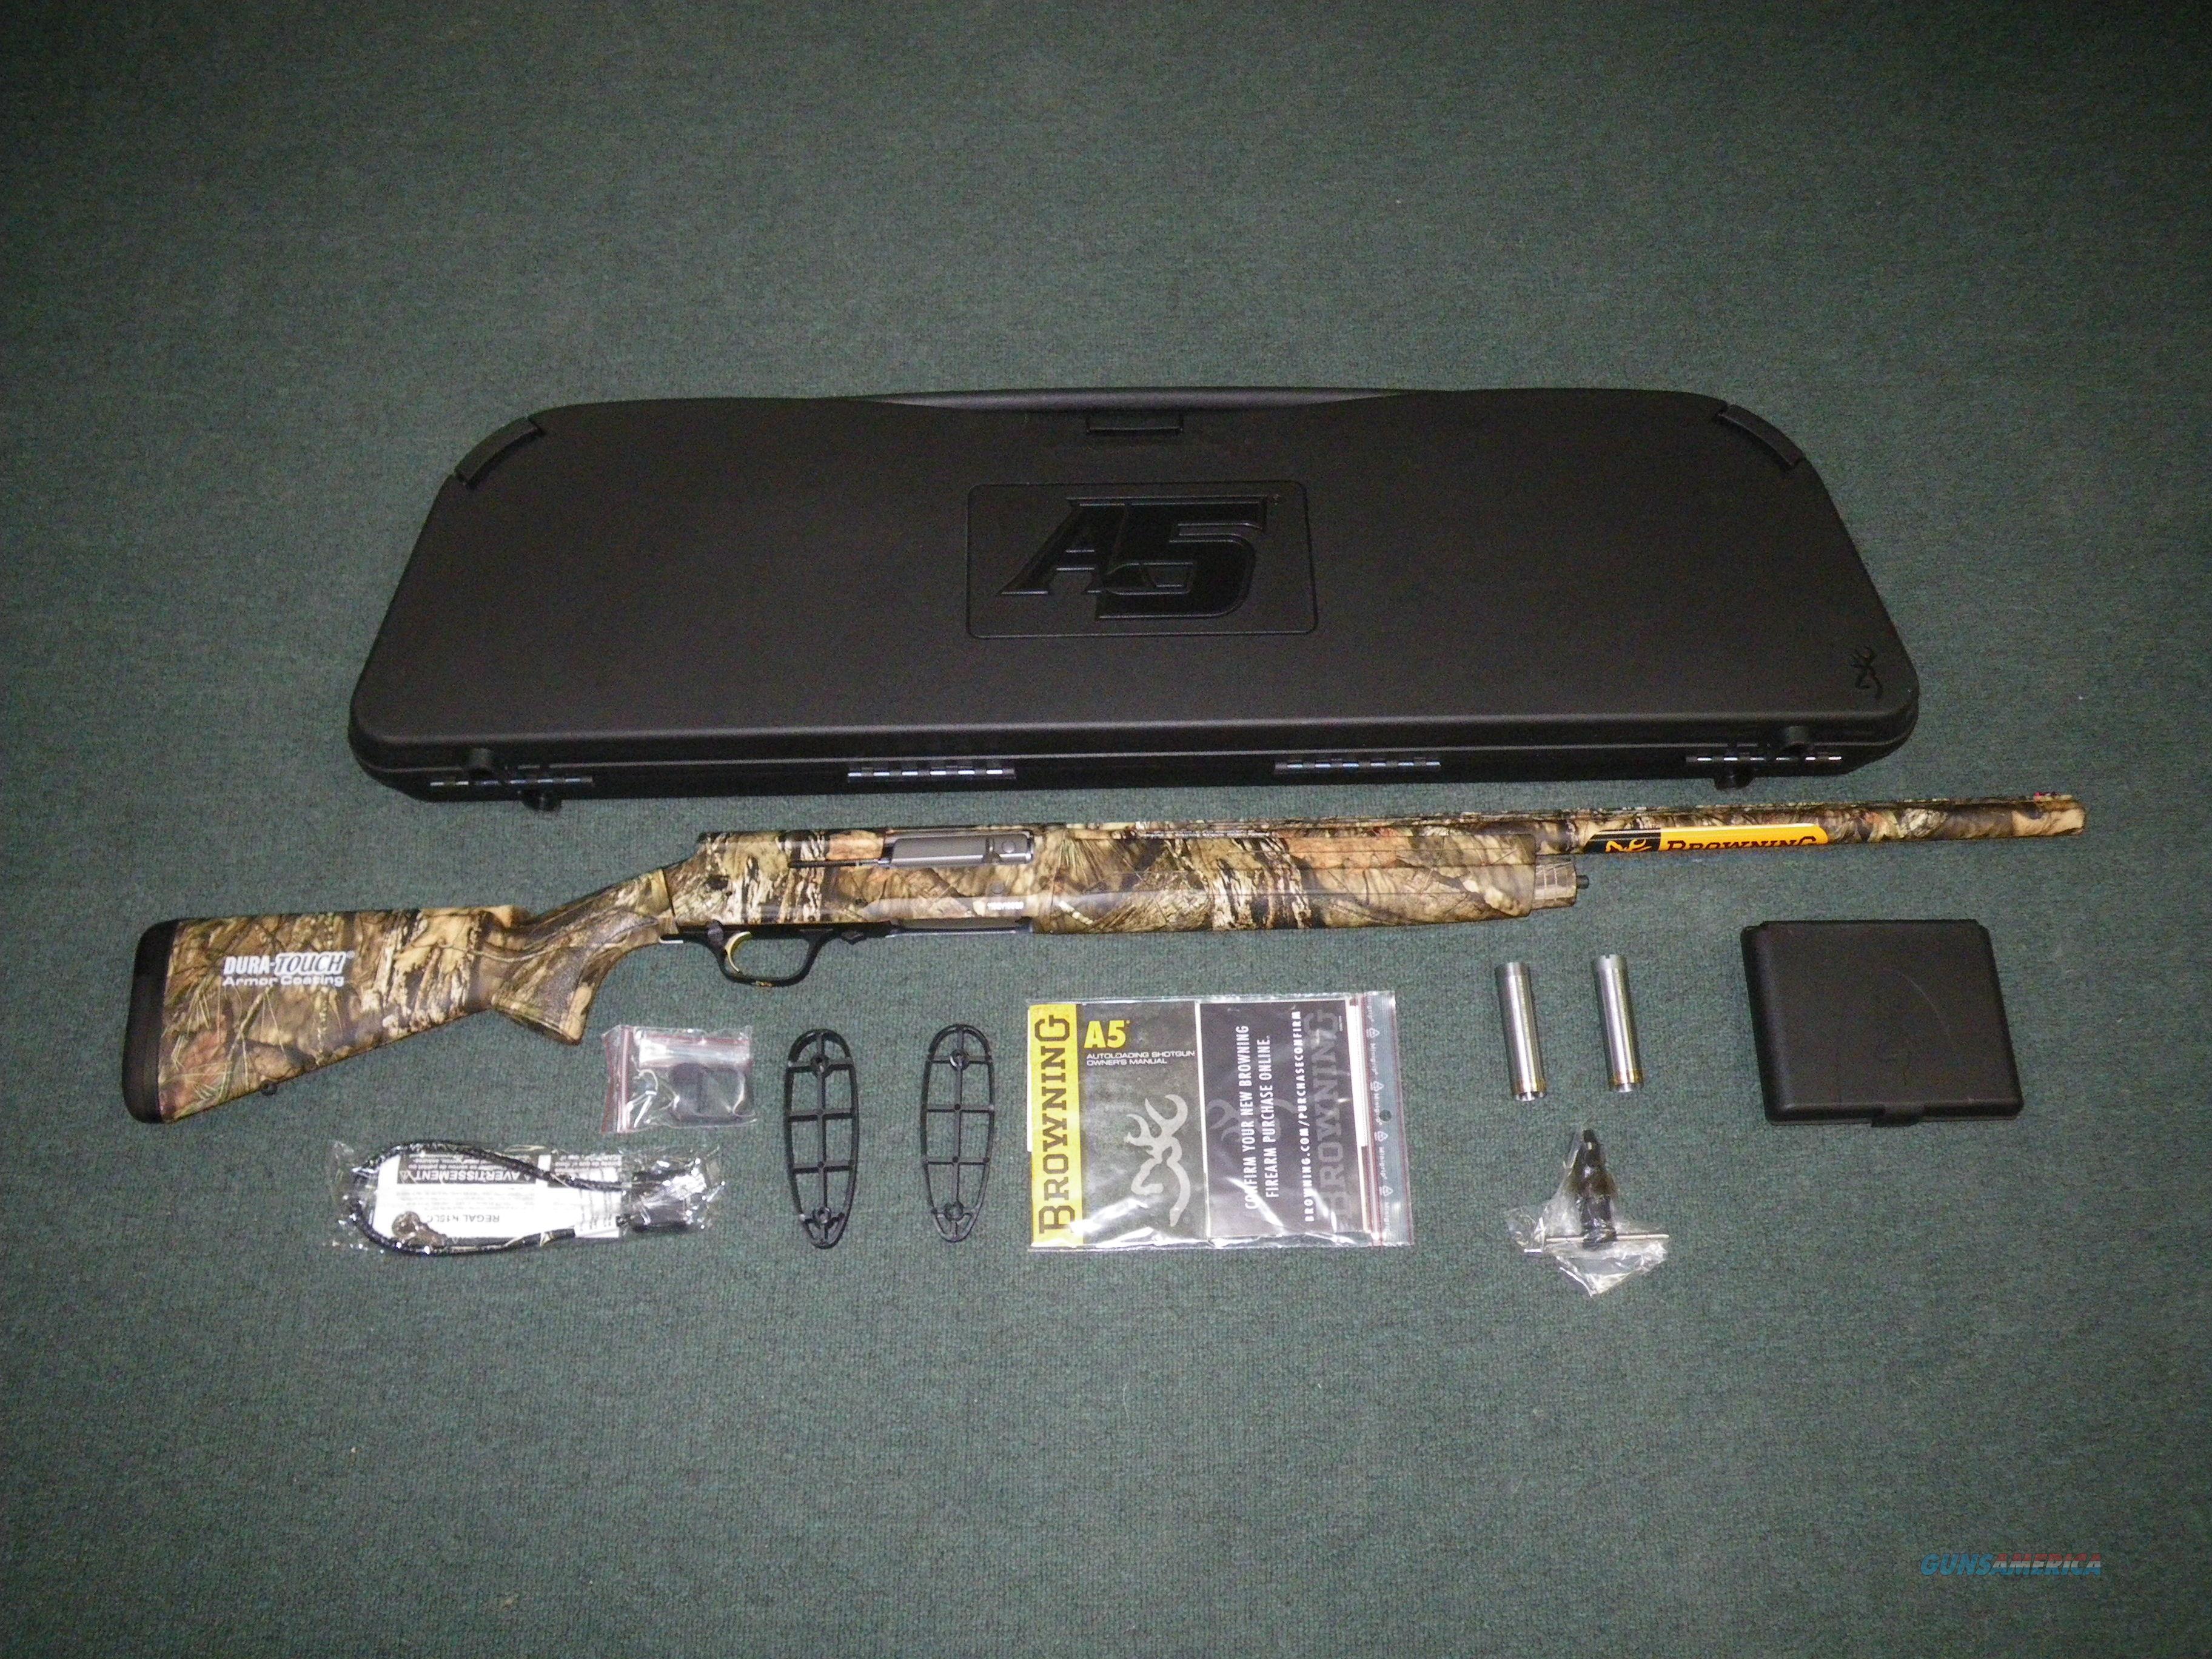 """Browning A5 MOBU Country 12ga 26"""" 3"""" Chamber NEW #0118333005  Guns > Shotguns > Browning Shotguns > Autoloaders > Hunting"""